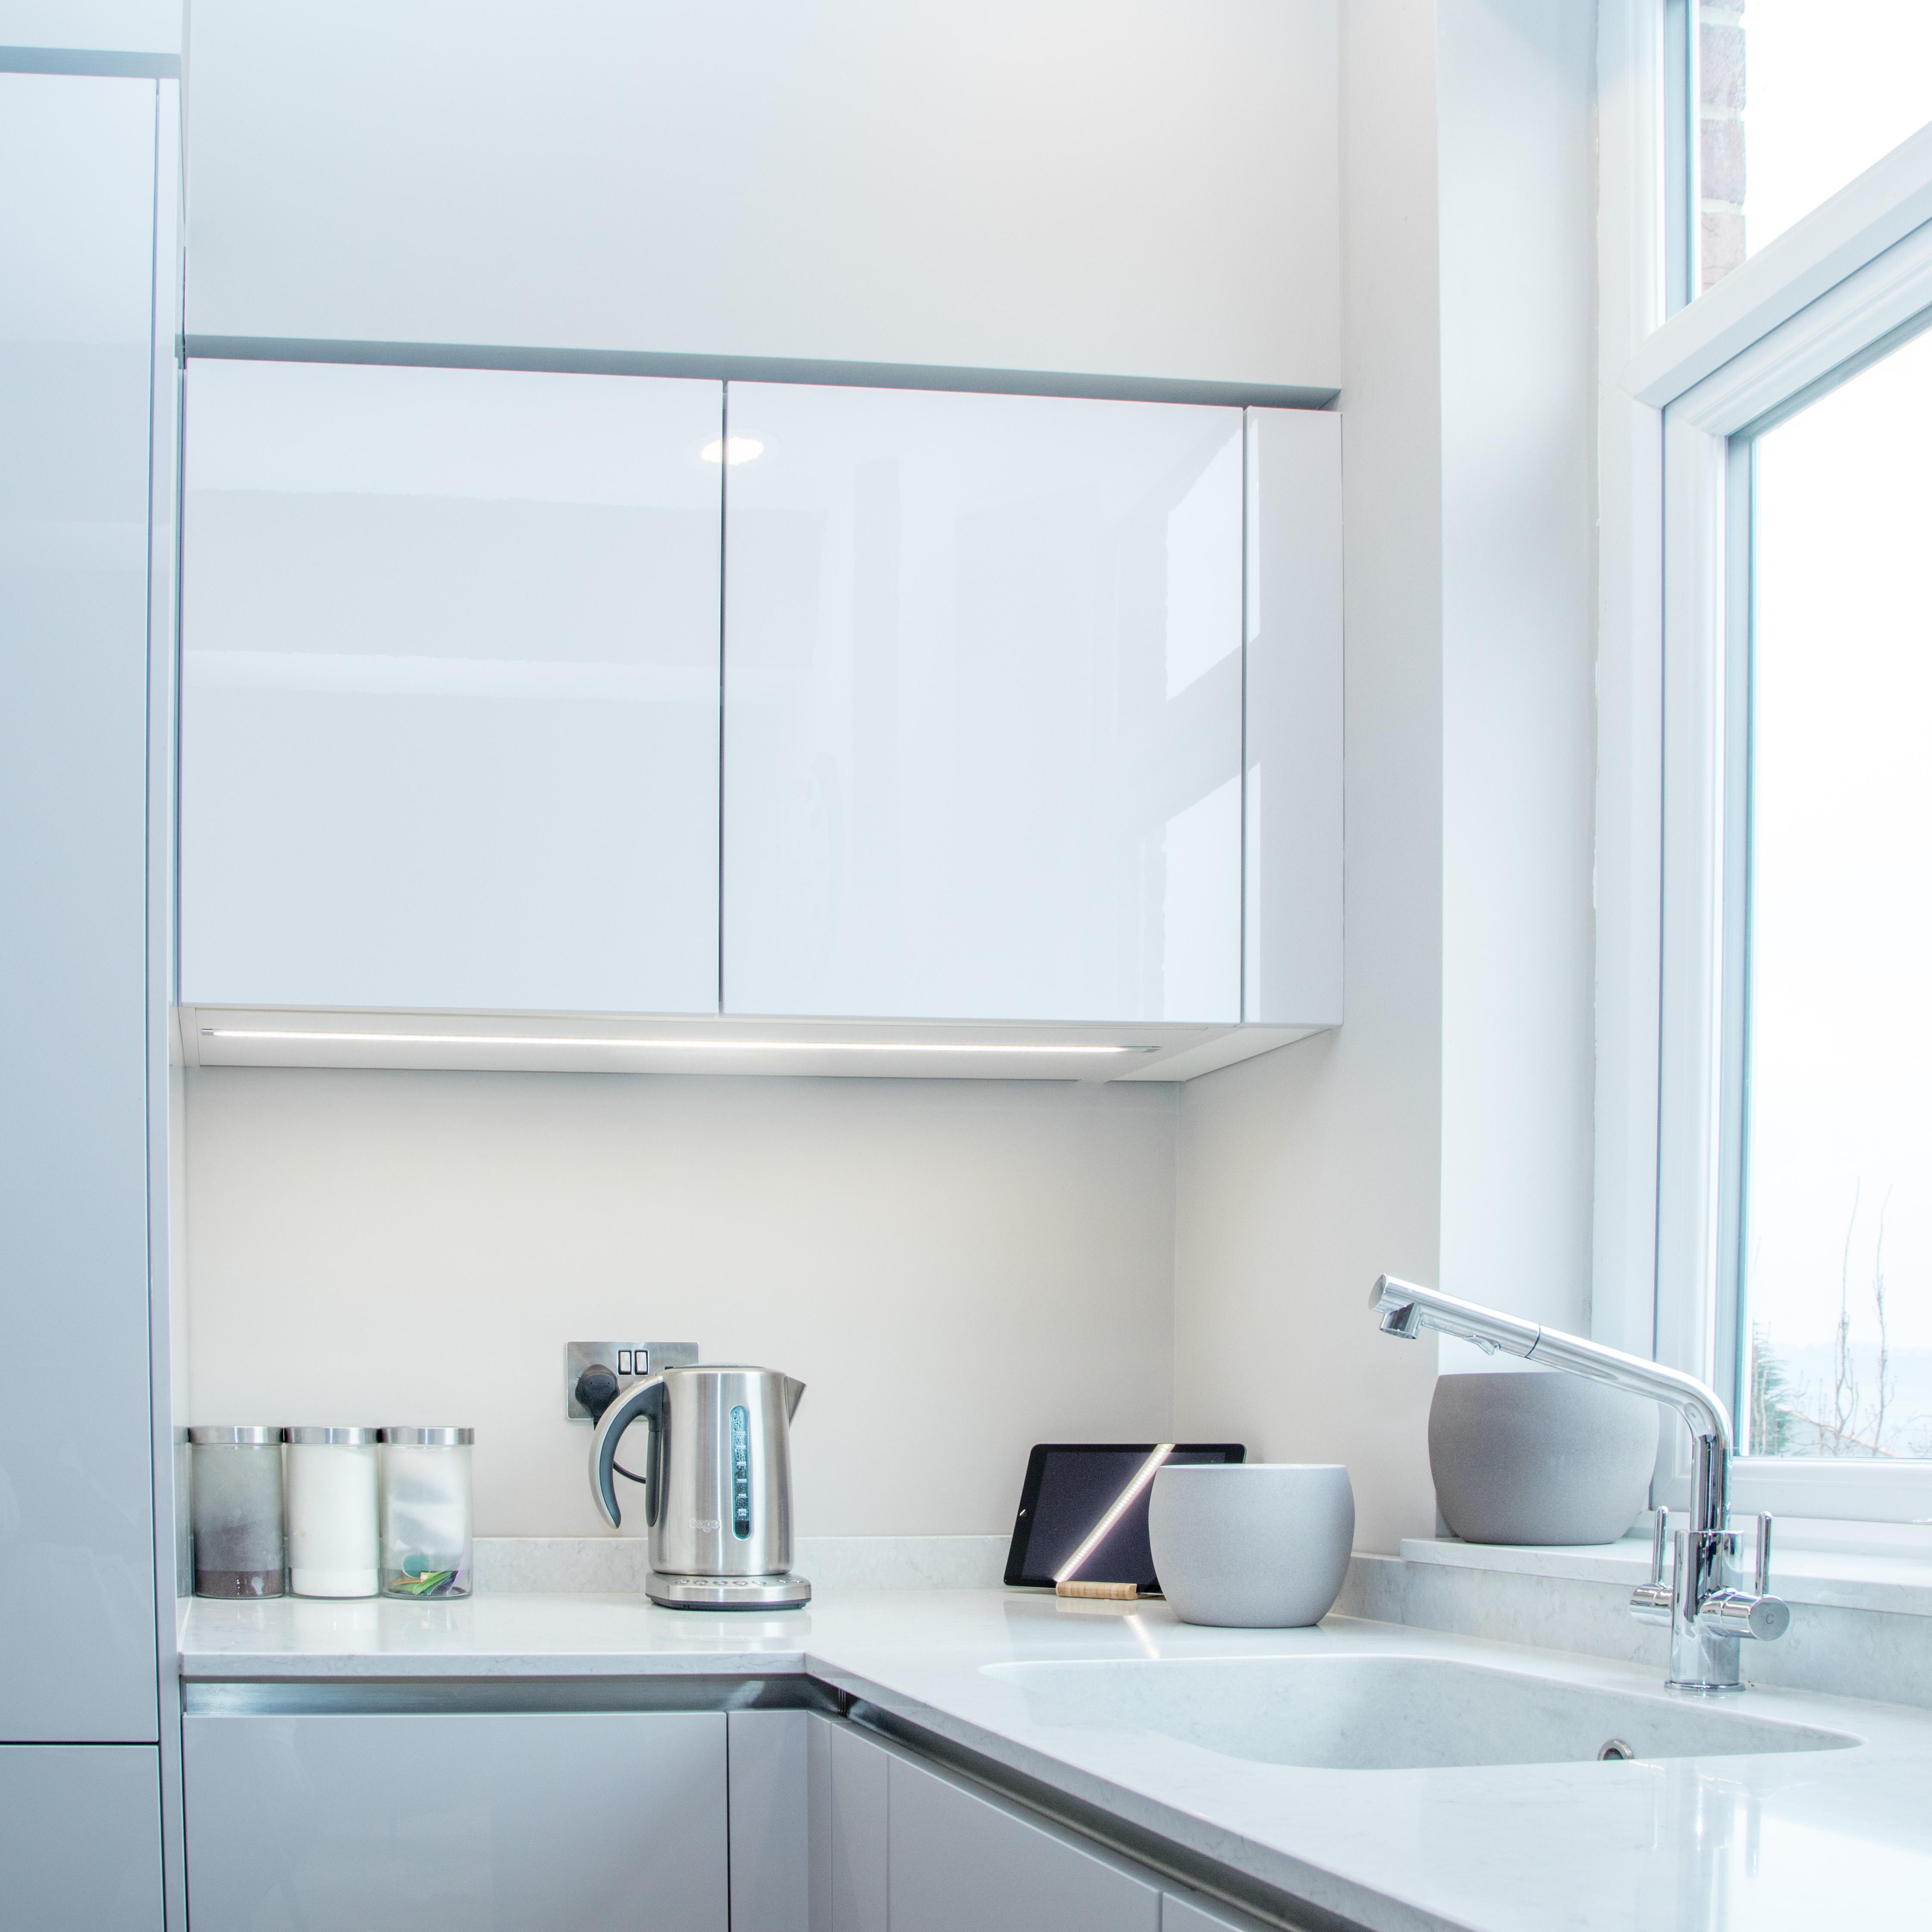 Modern, Handleless Kitchen Design In Sheffield